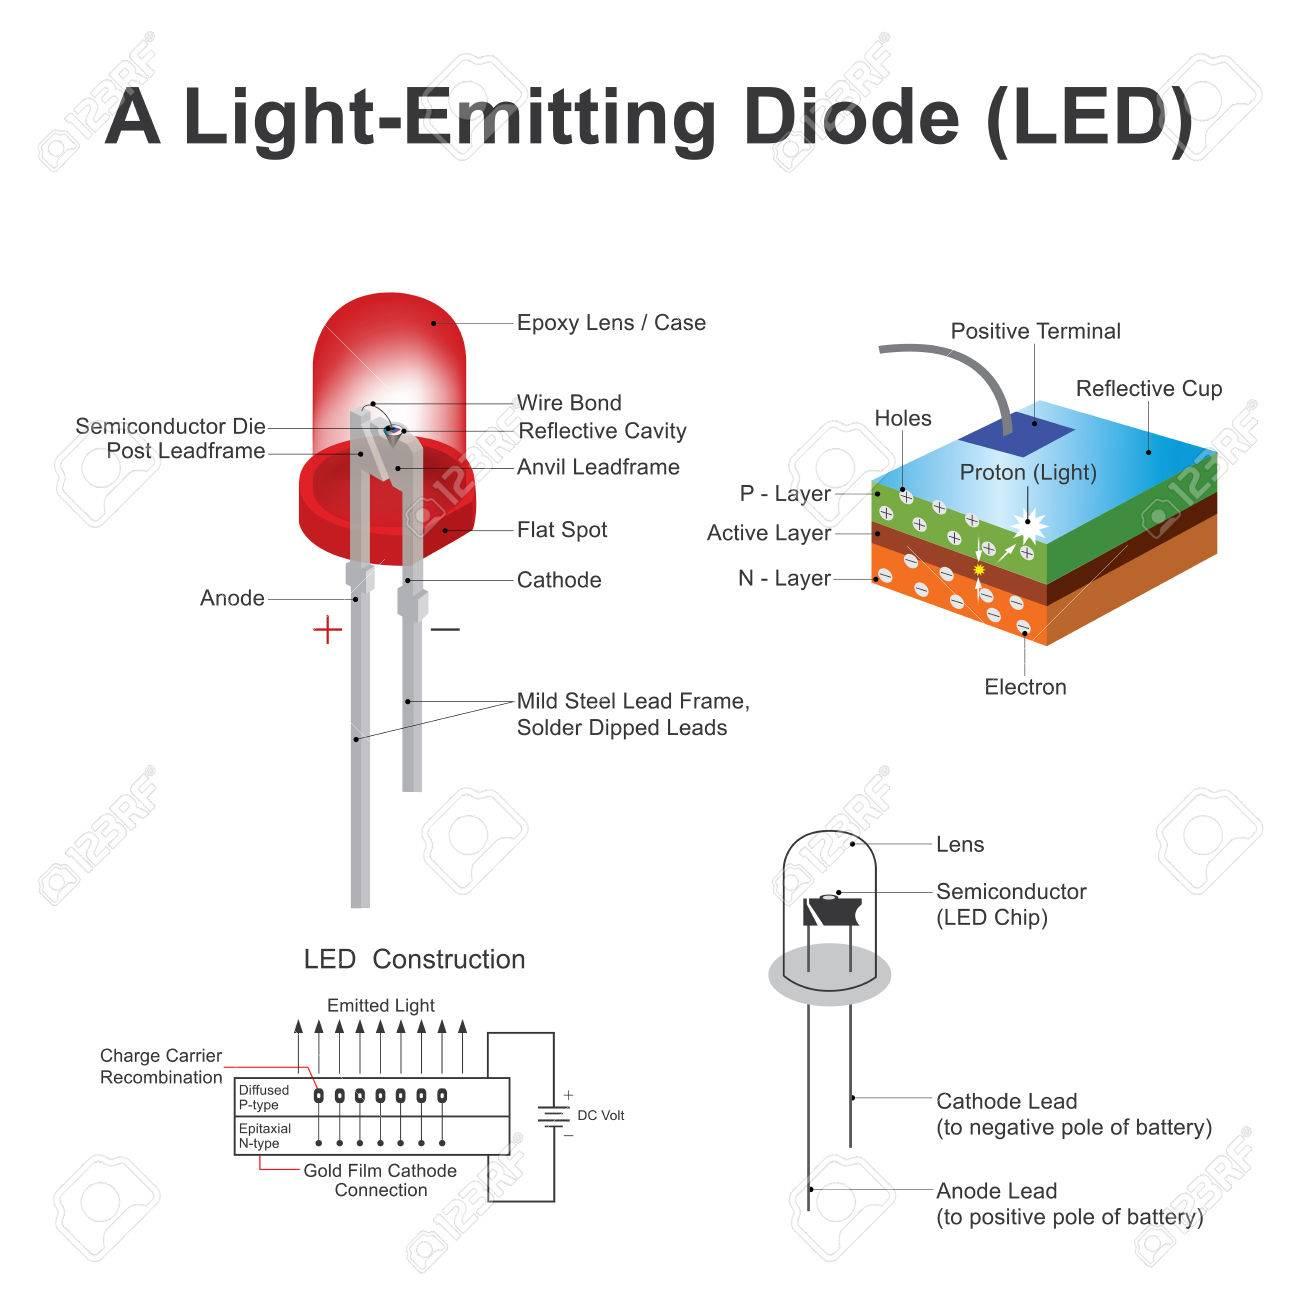 発光ダイオード (LED) は、2 つのリード半導体光源です。電子が光子の ...